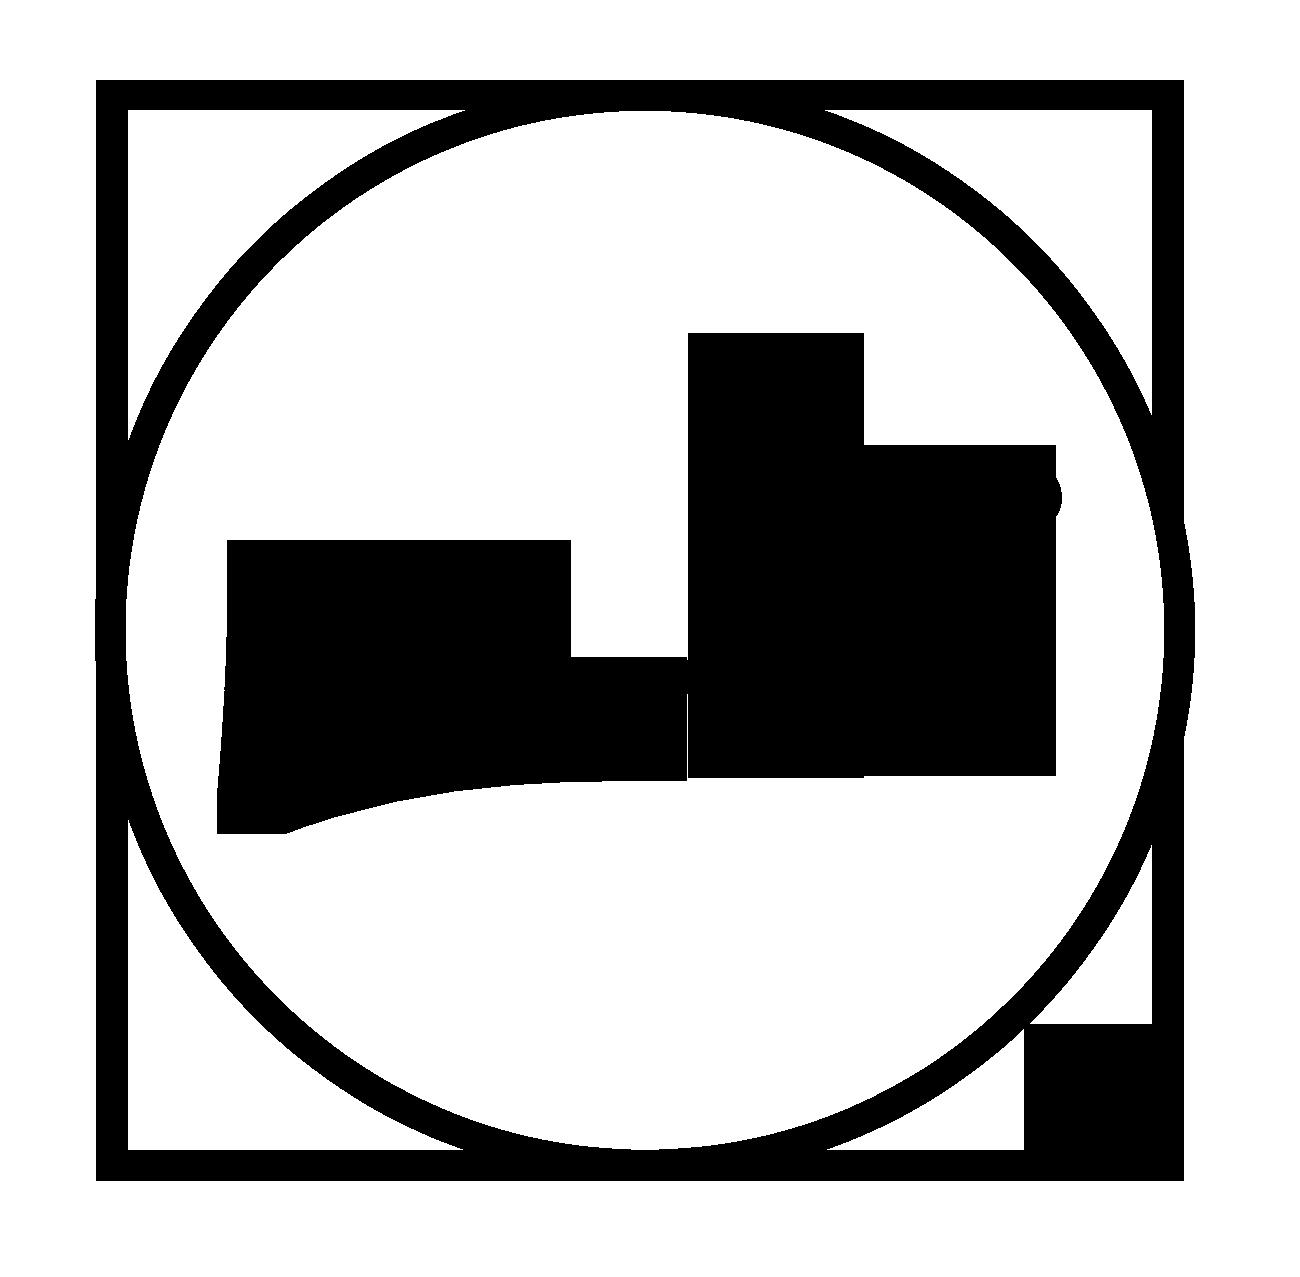 MBSLogo